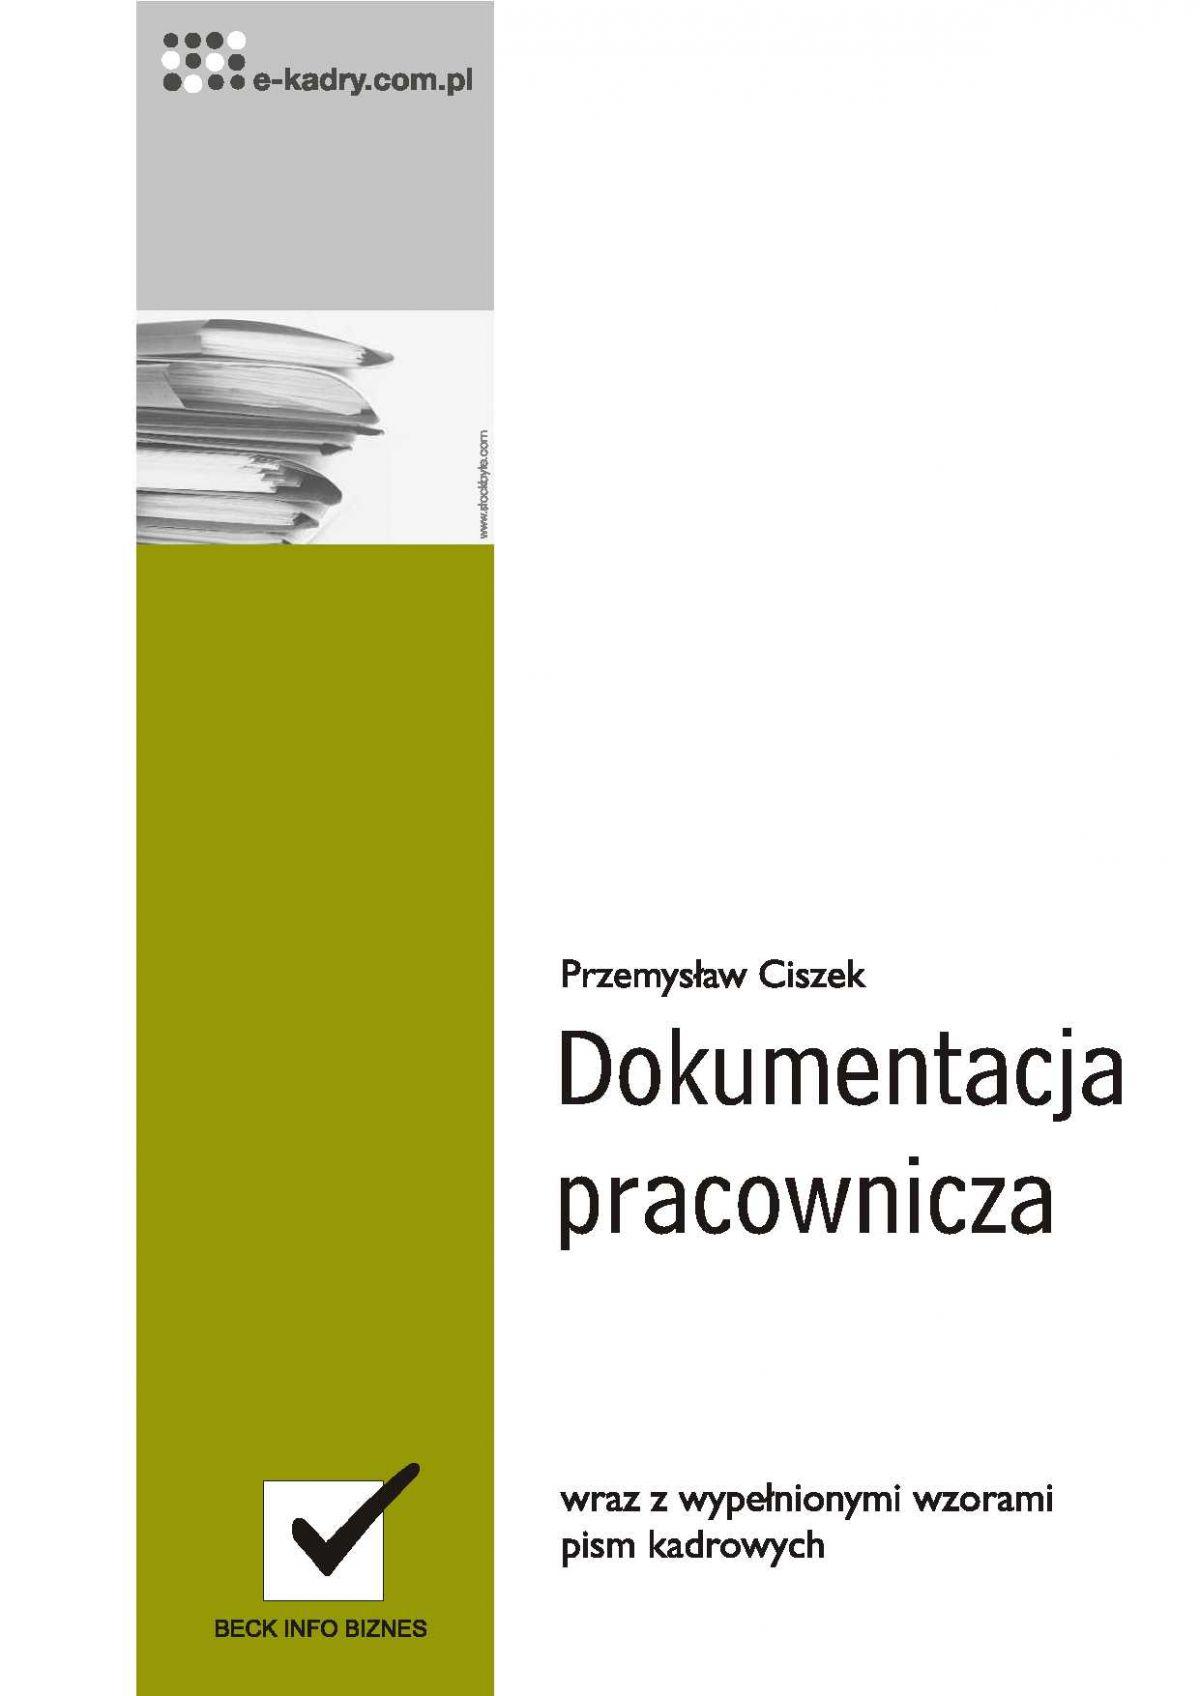 Dokumentacja pracownicza wraz z niezbędnymi wzorami pism kadrowych - Ebook (Książka PDF) do pobrania w formacie PDF